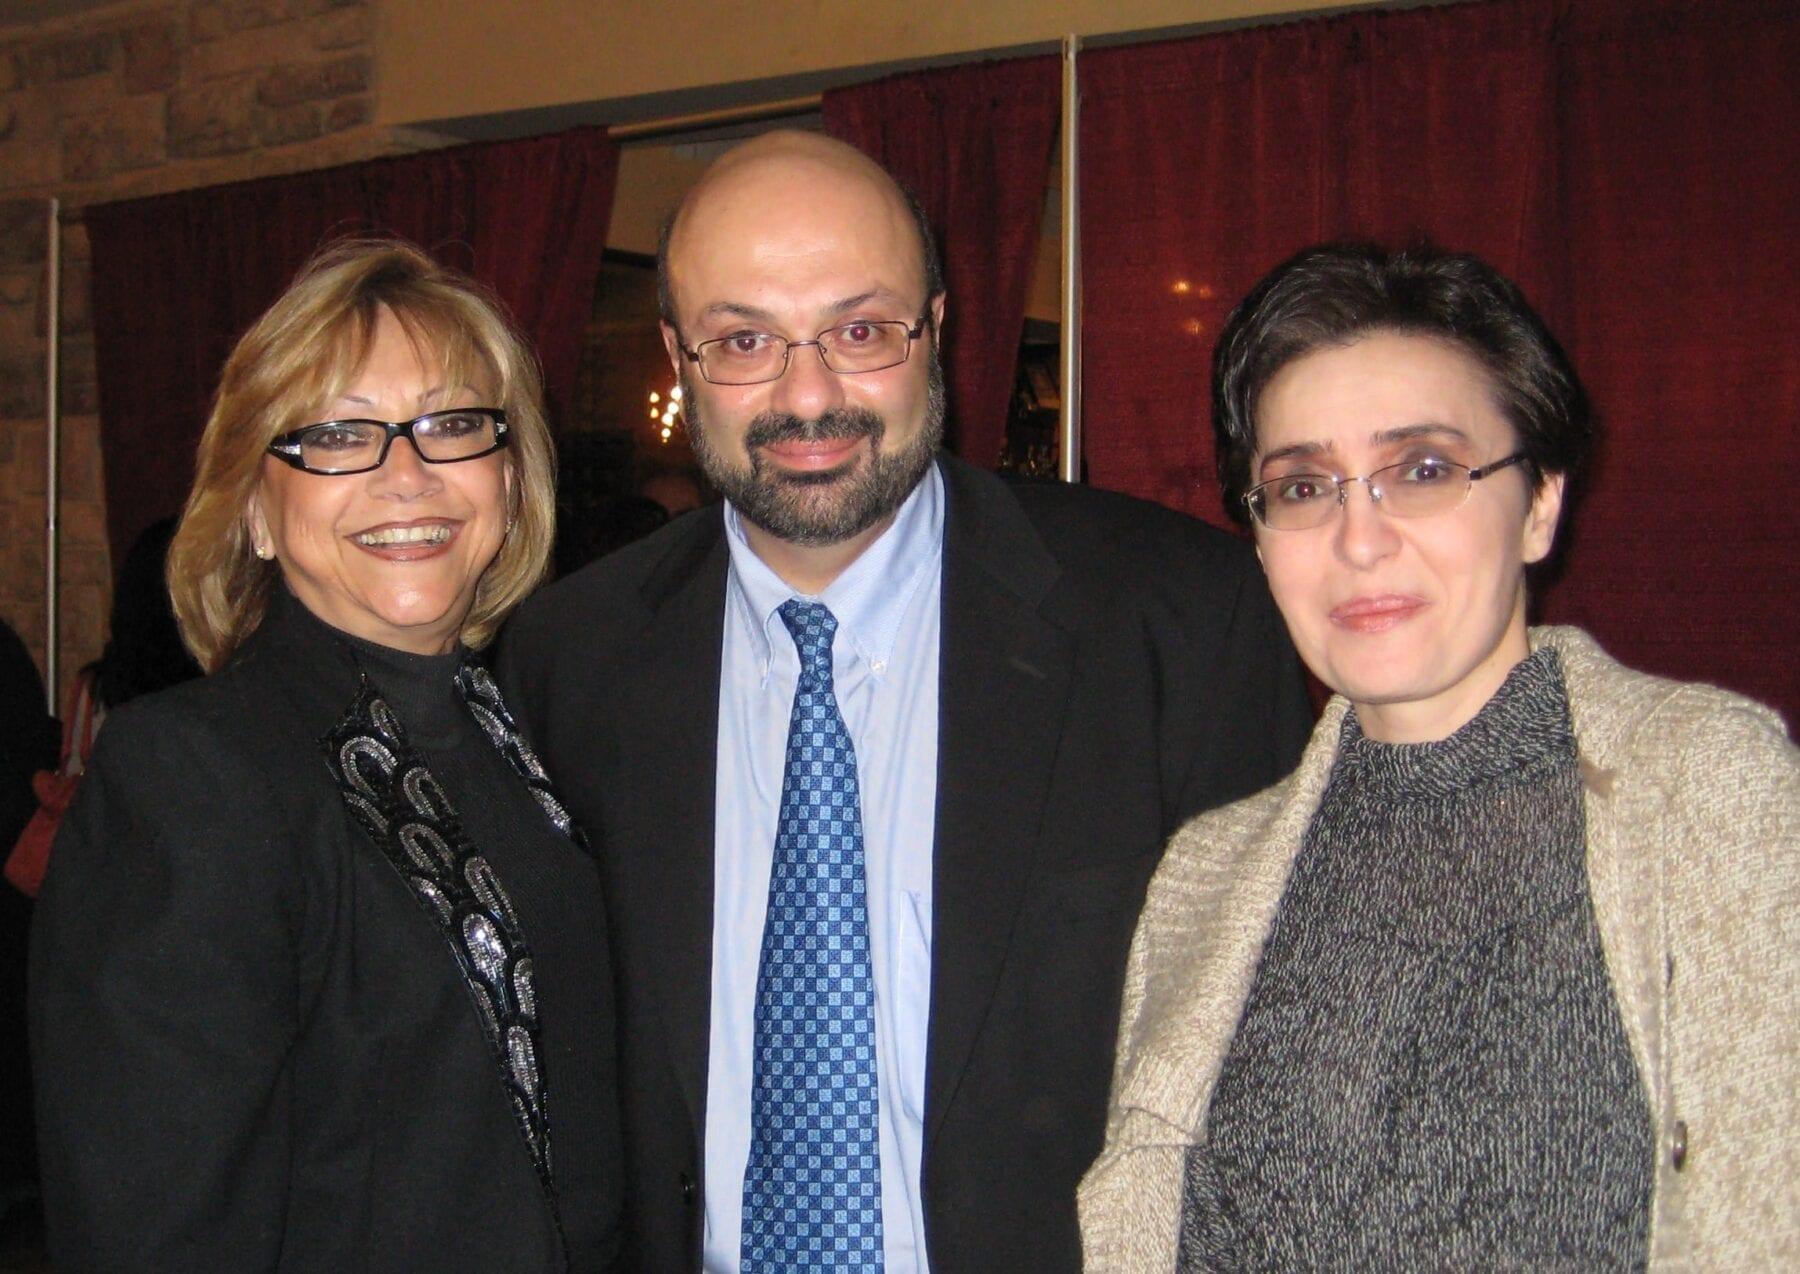 Rima Kamali, Dr. David G. Davtyan And Nune Badalyan At The Weight Loss Surgery Center Of Los Angeles